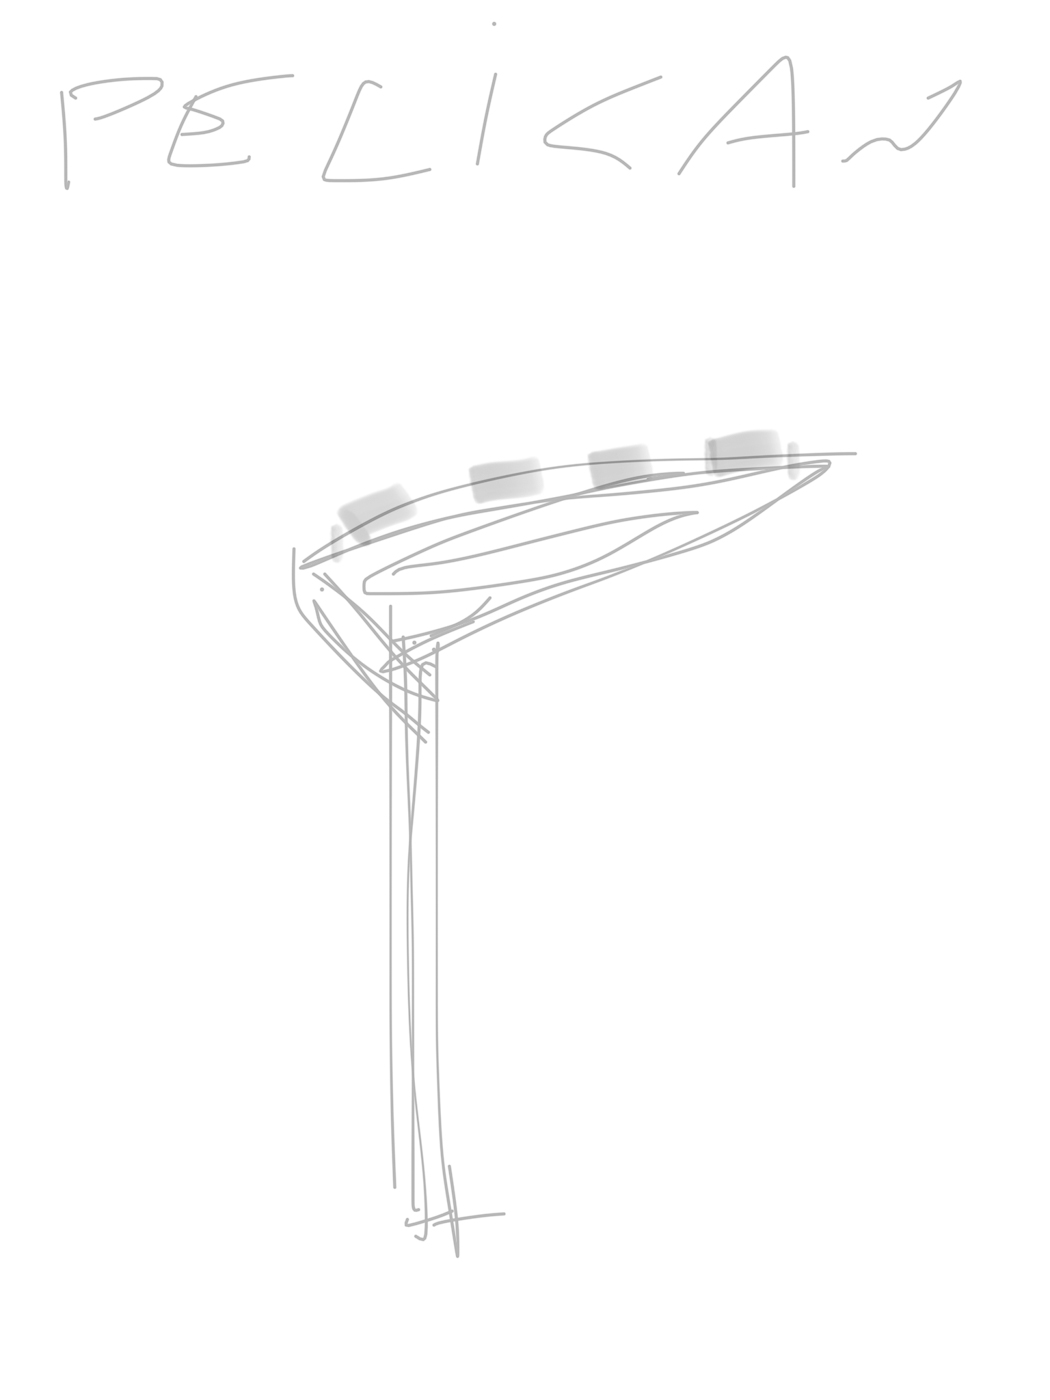 Sketch-378.jpg